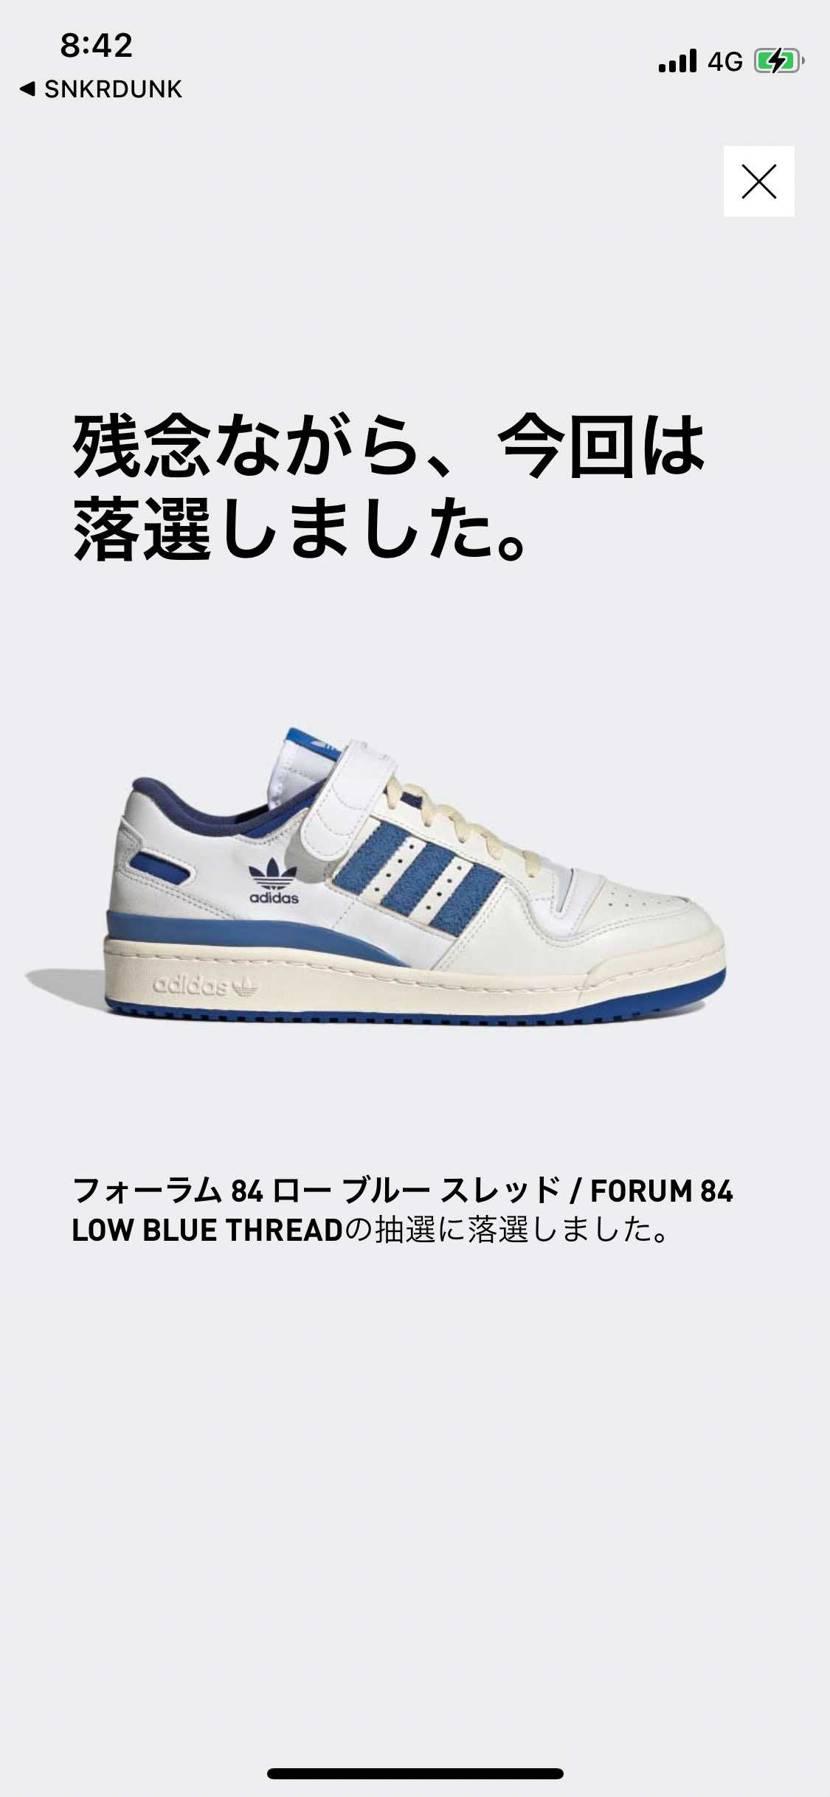 落選😭  adidasは相性いいと思ってたが、片想いやったみたいです。